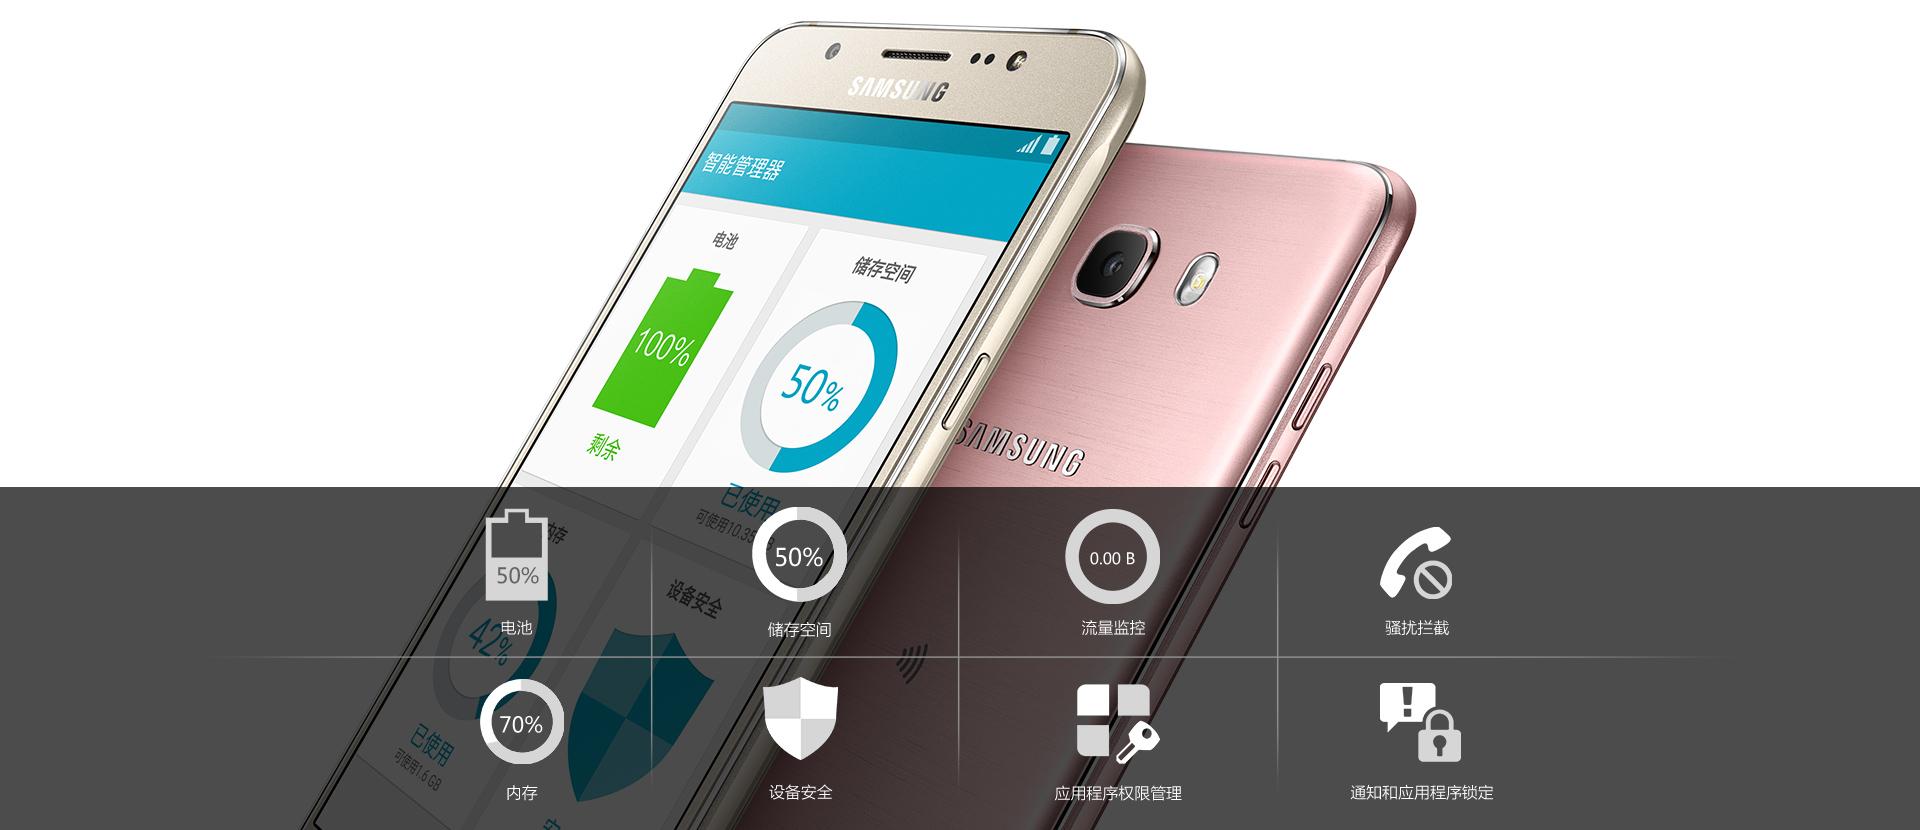 Samsung Galaxy J7 2016 (6)